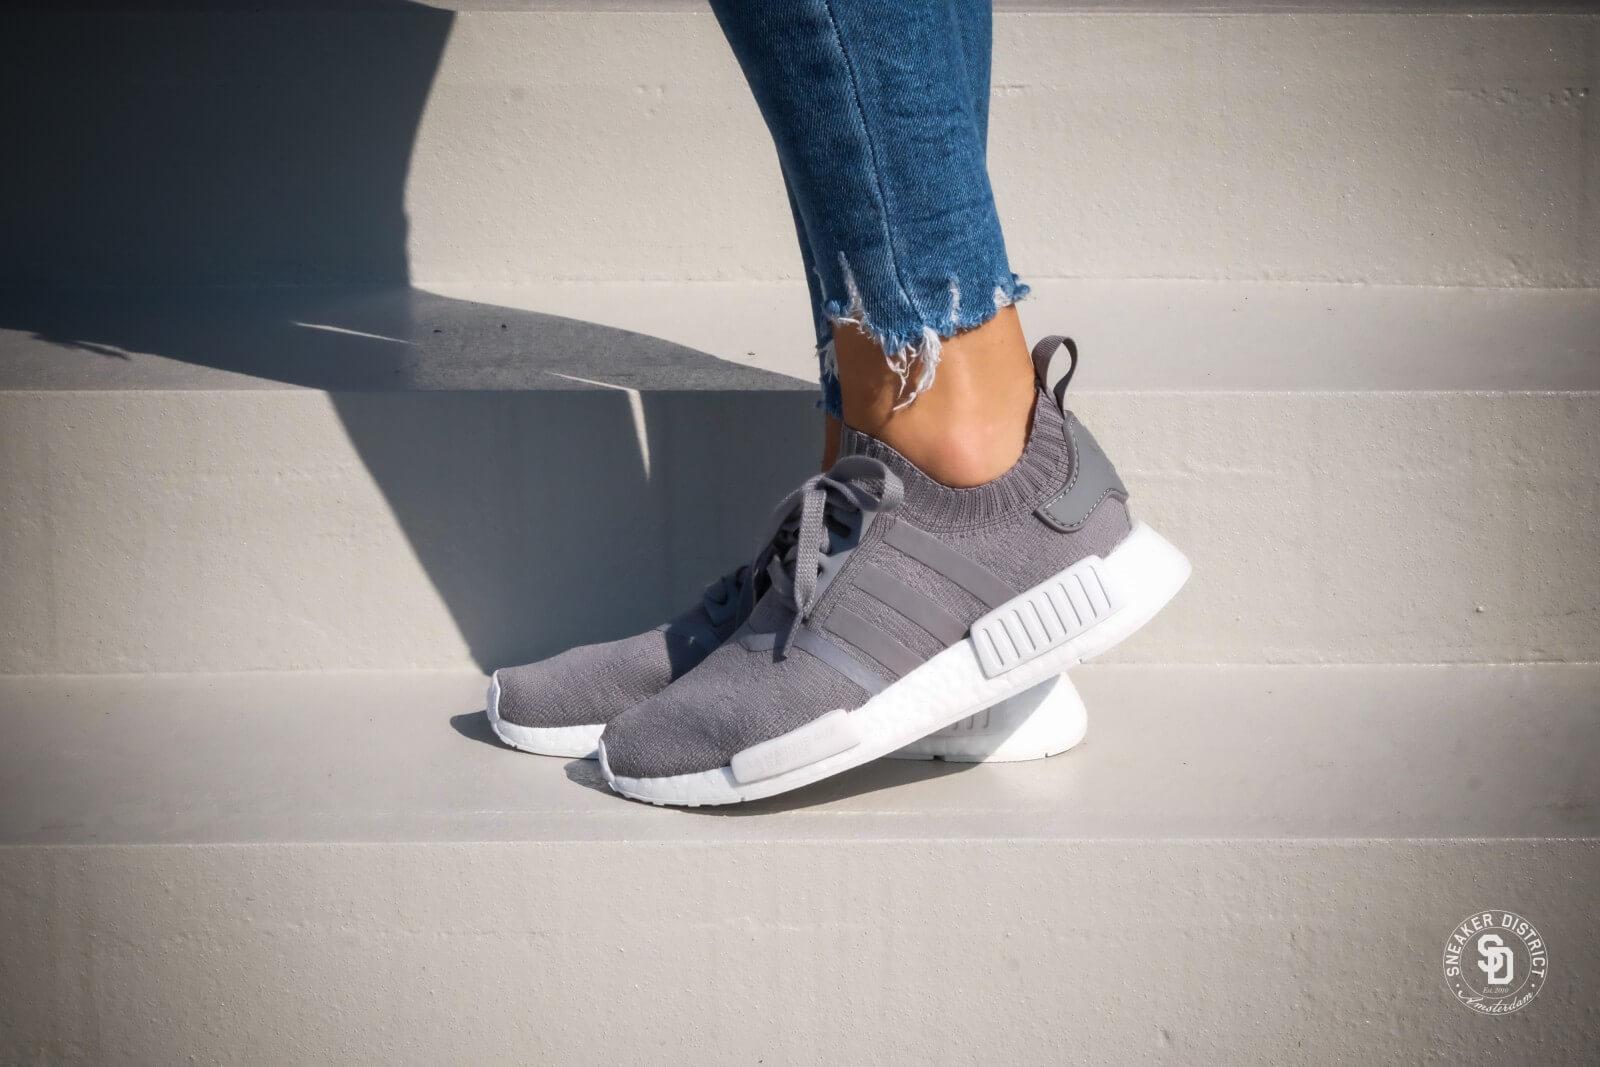 Adidas NMD R1 W PK Grey Three